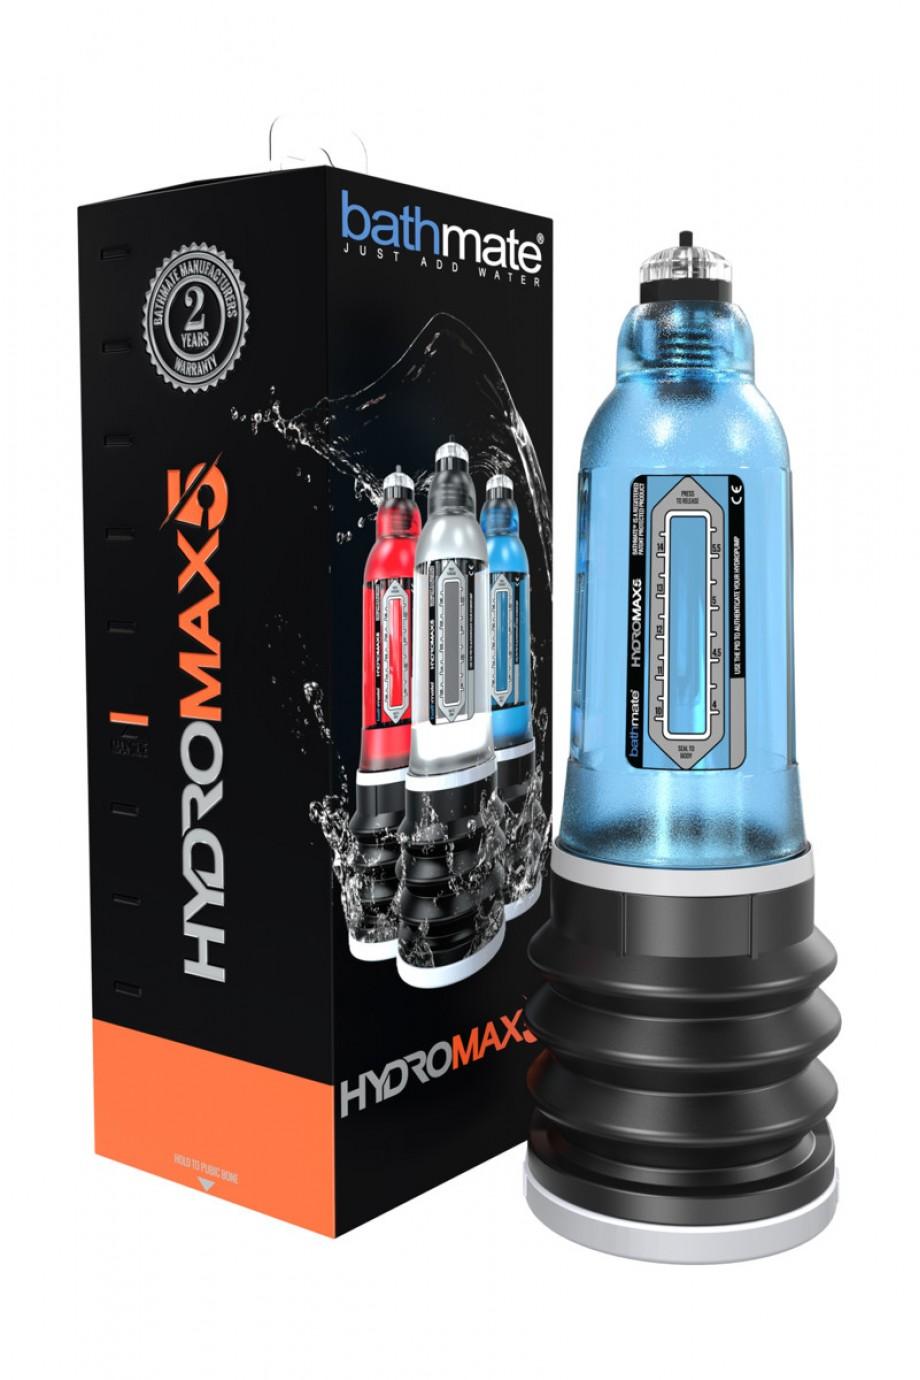 Гидропомпа Bathmate HYDROMAX5, голубая